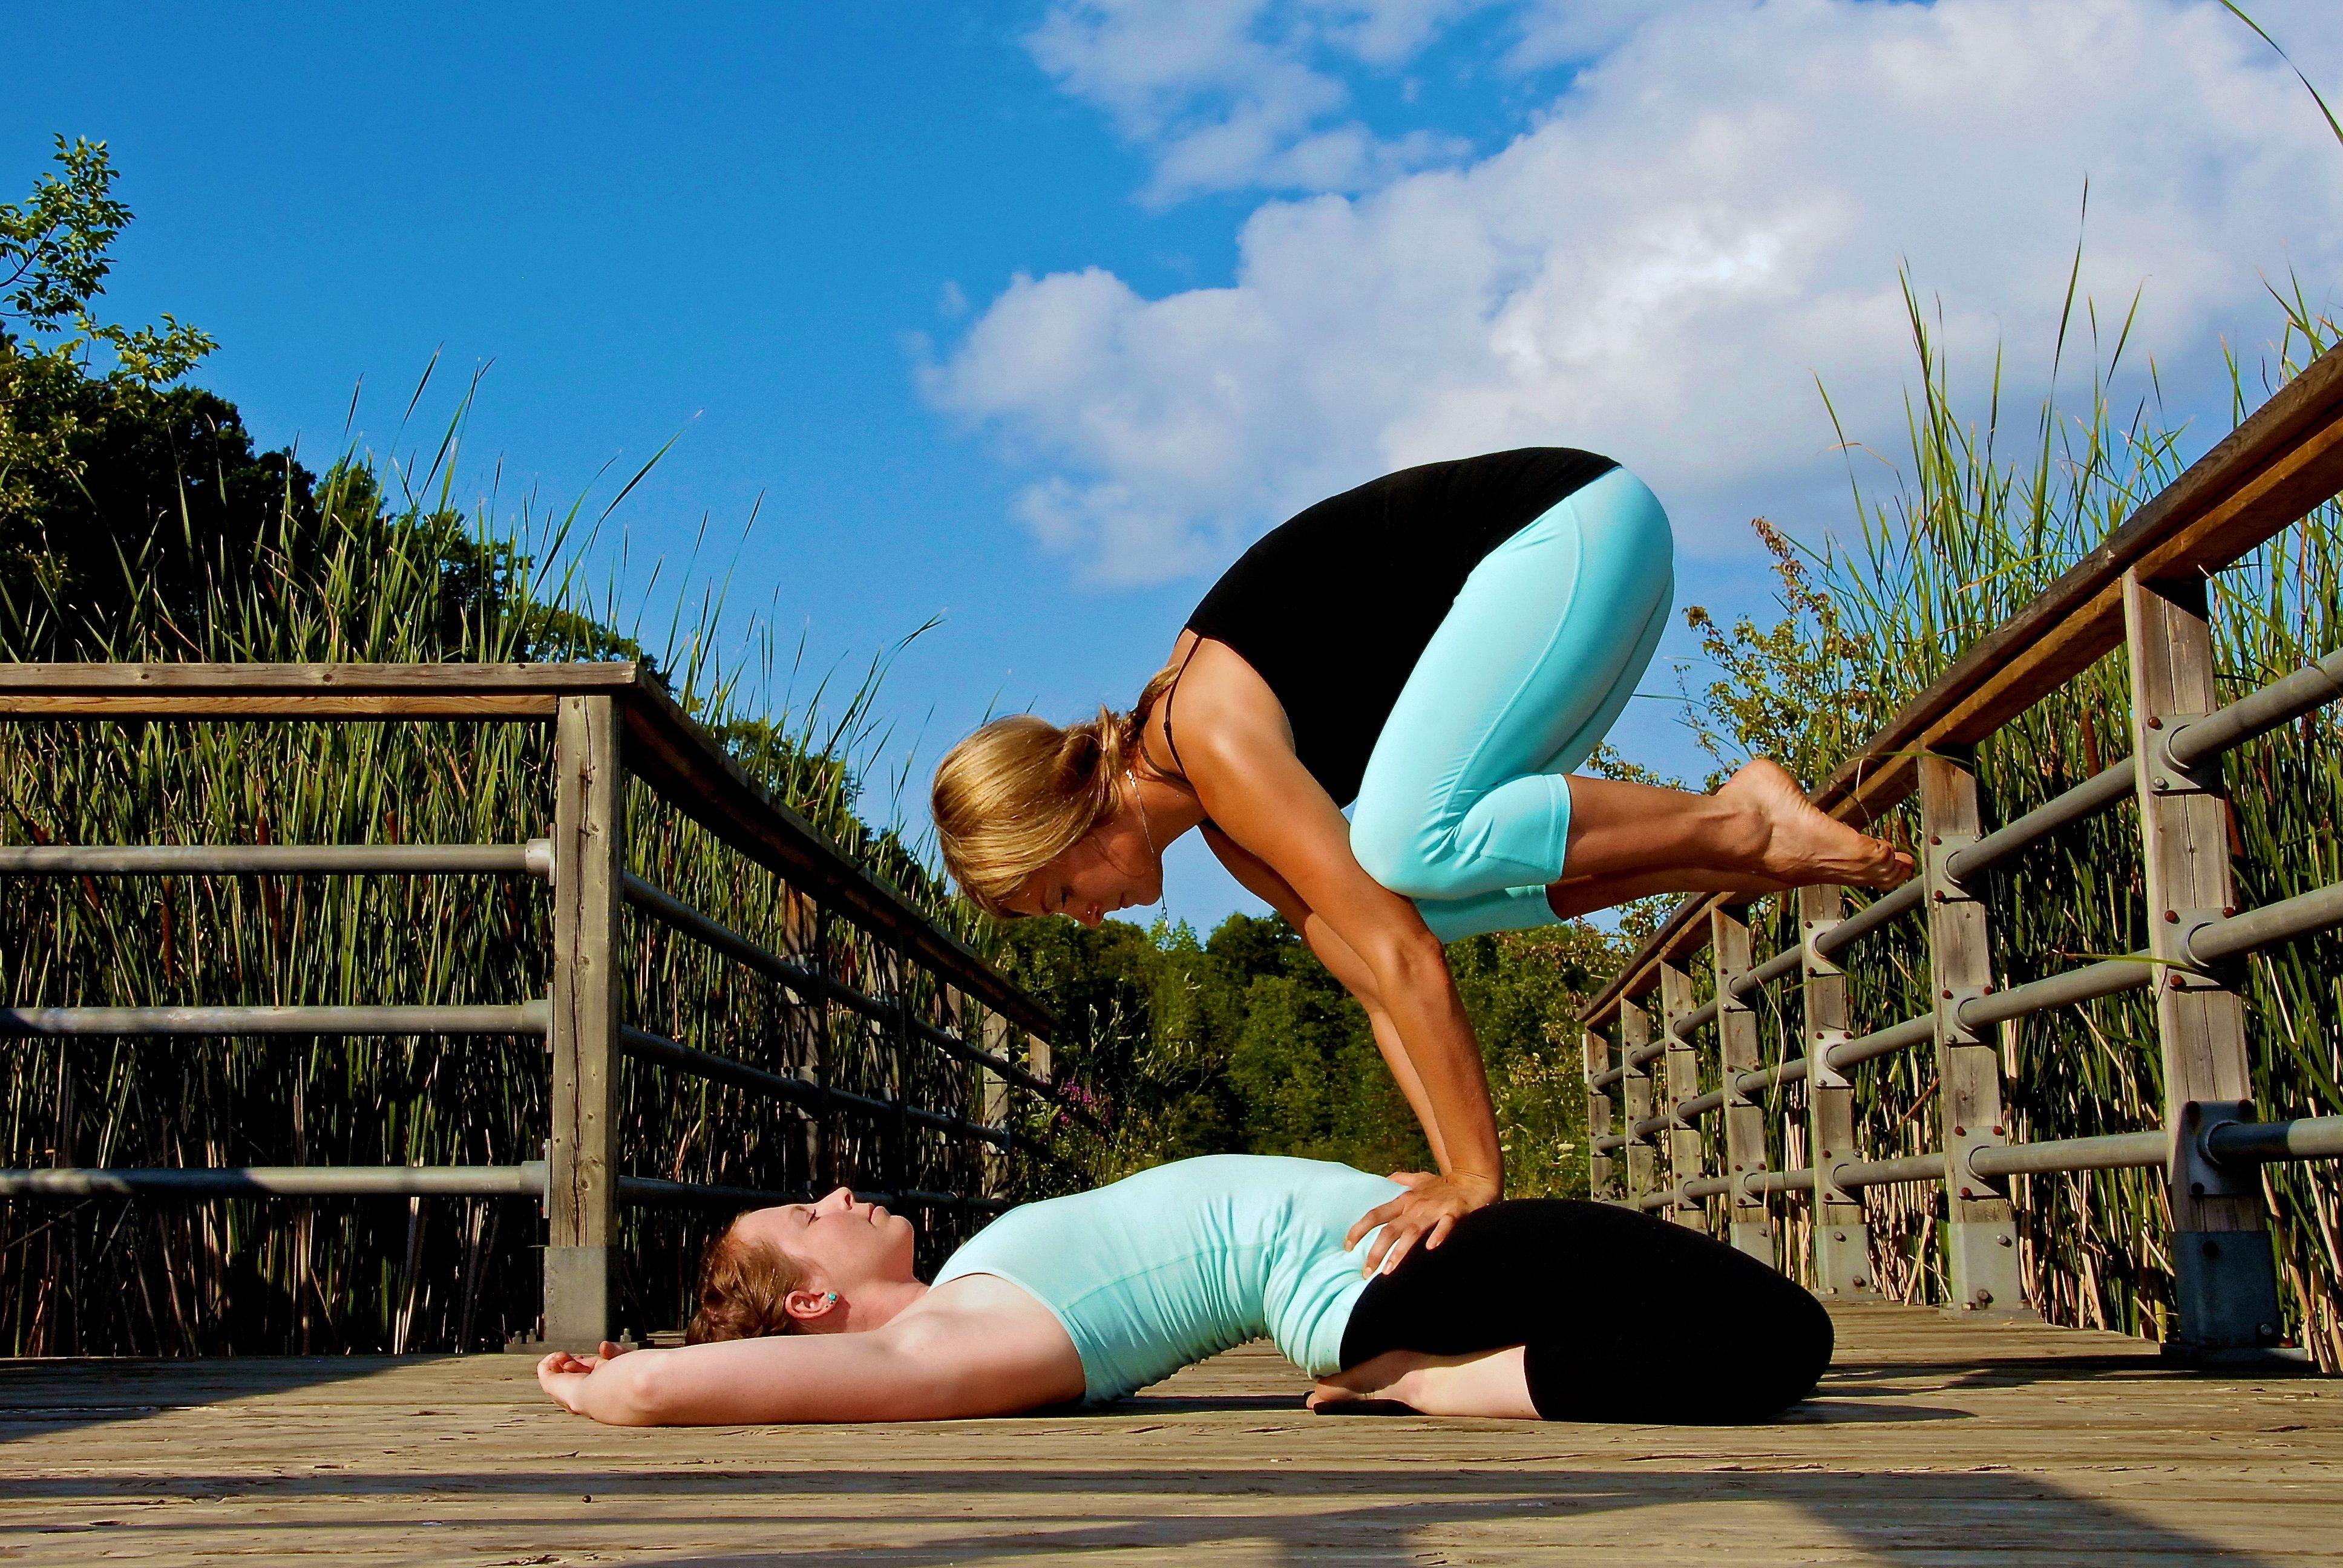 Yin & Yang | Yoga, Co founder, Yin yang